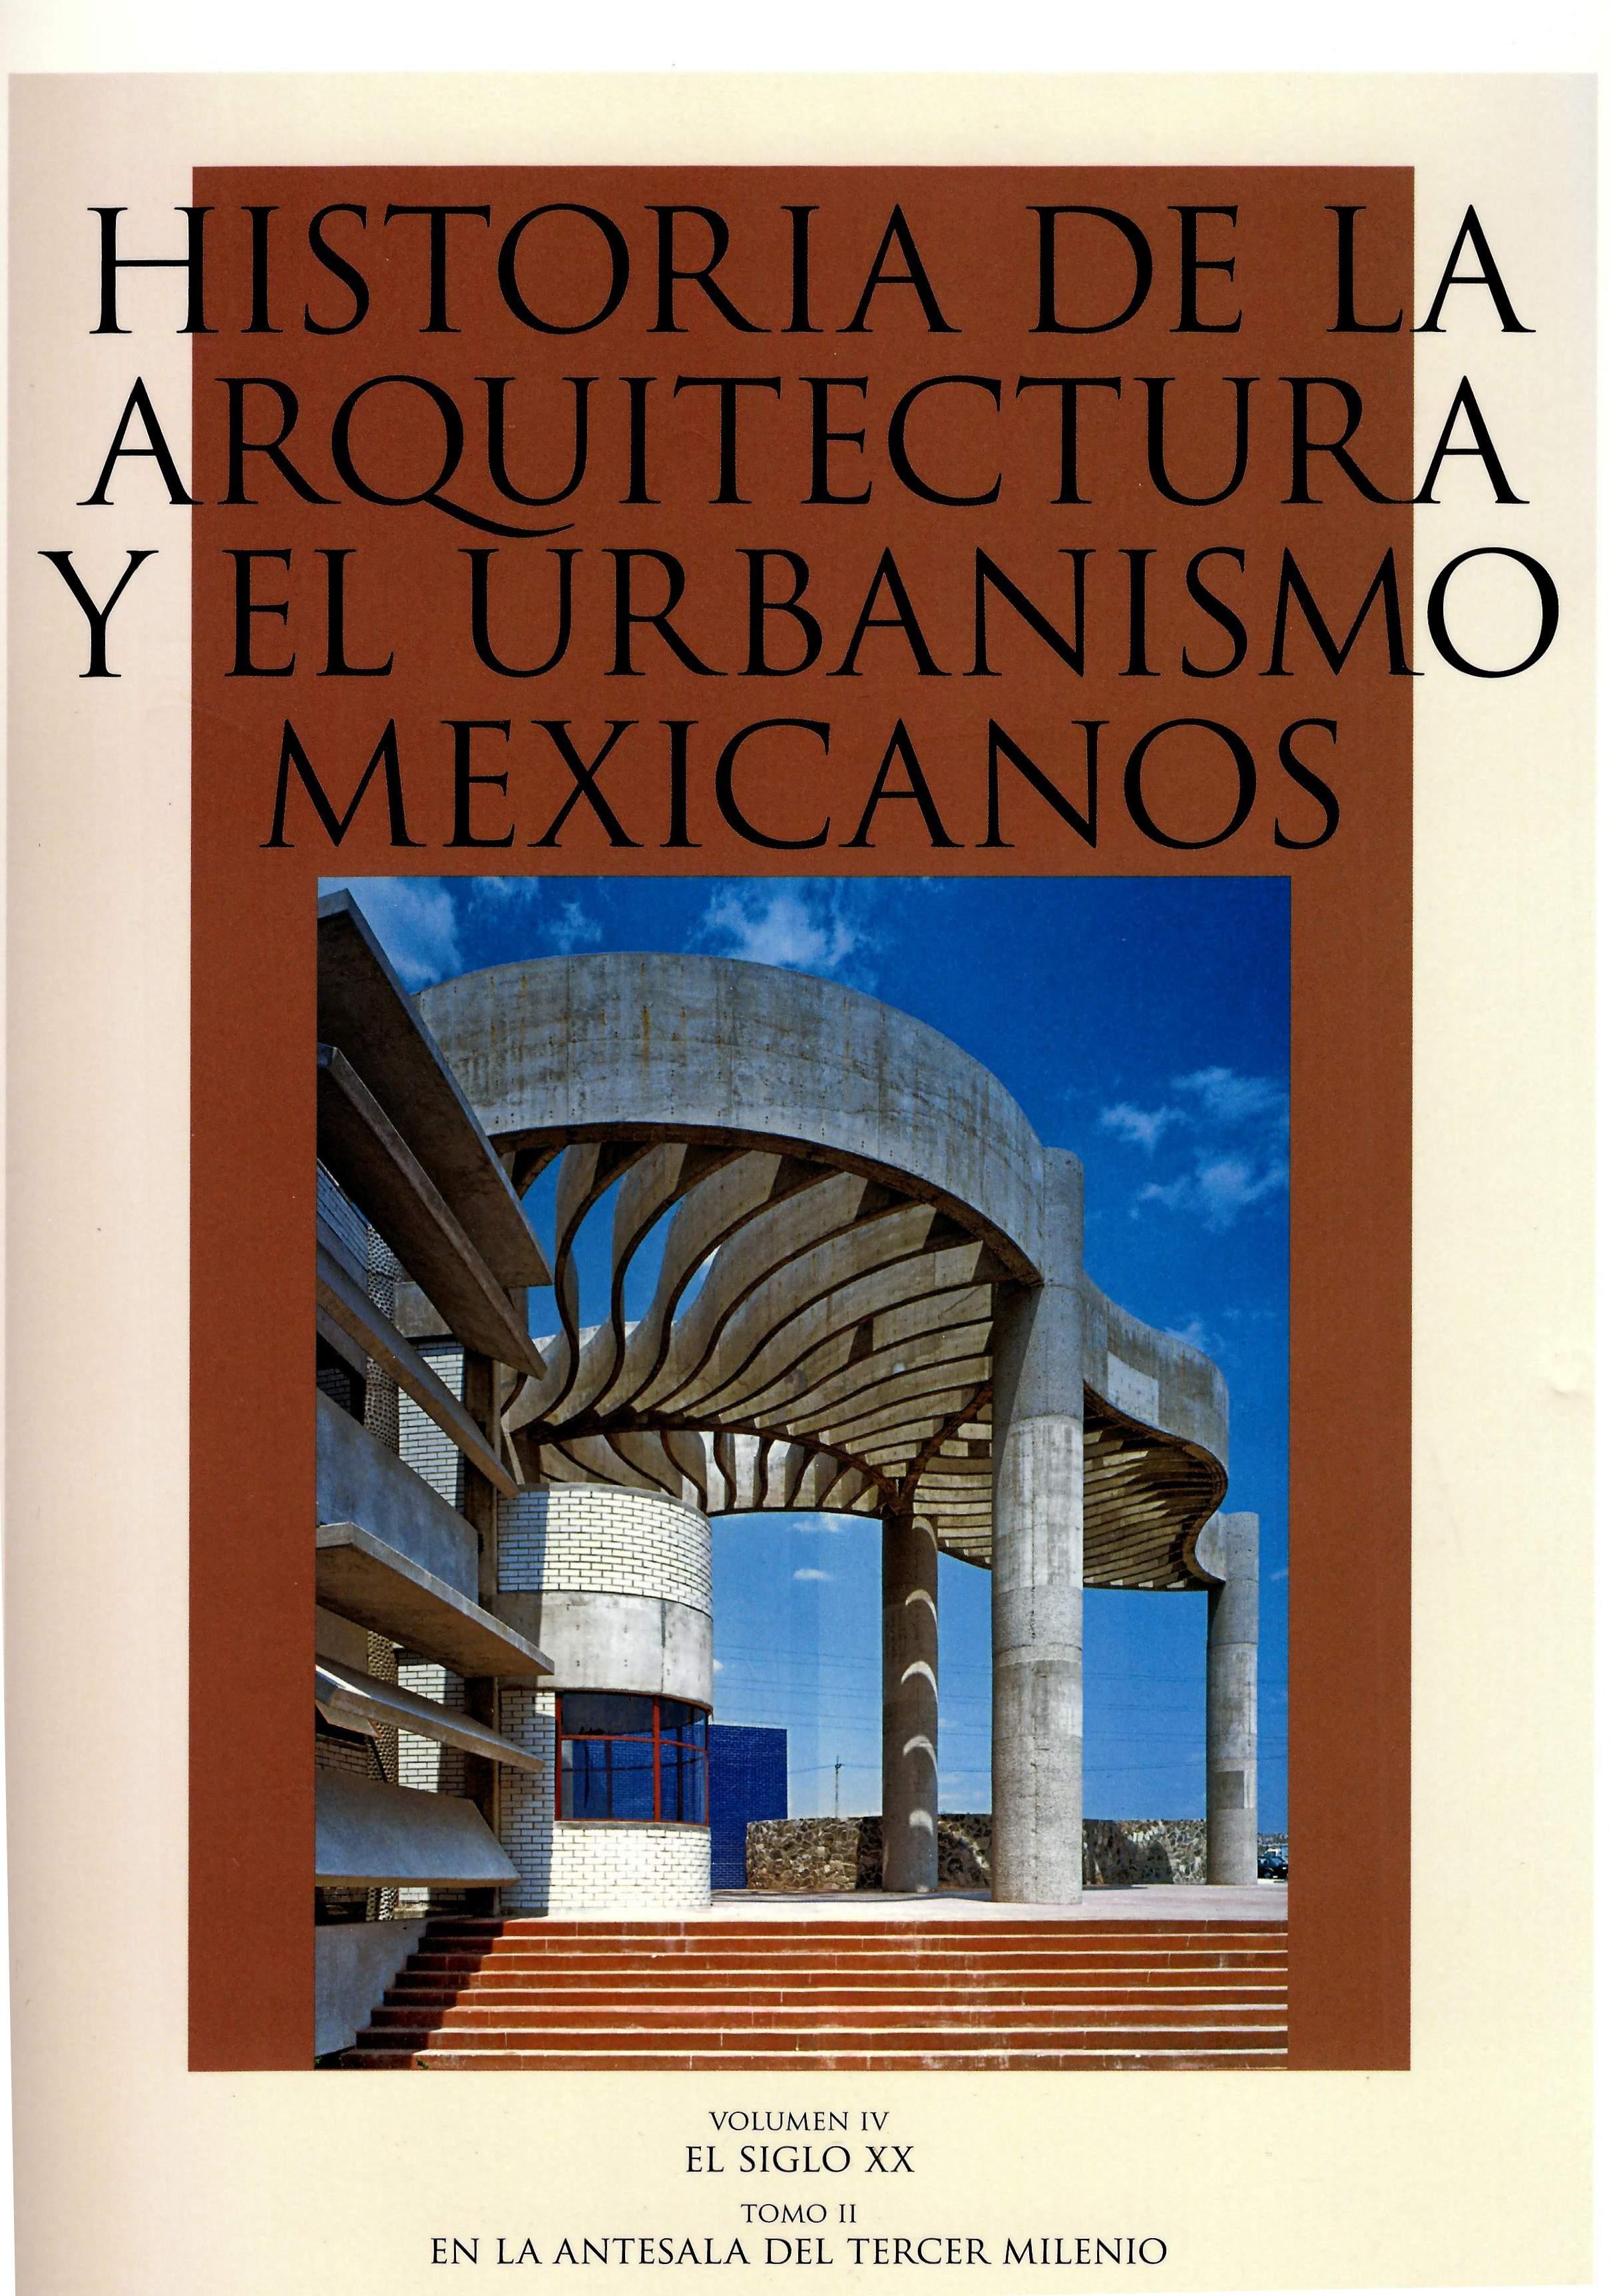 Historia de la arquitectura y el urbanismo mexicanos. Volumen IV: el siglo XX. Tomo II